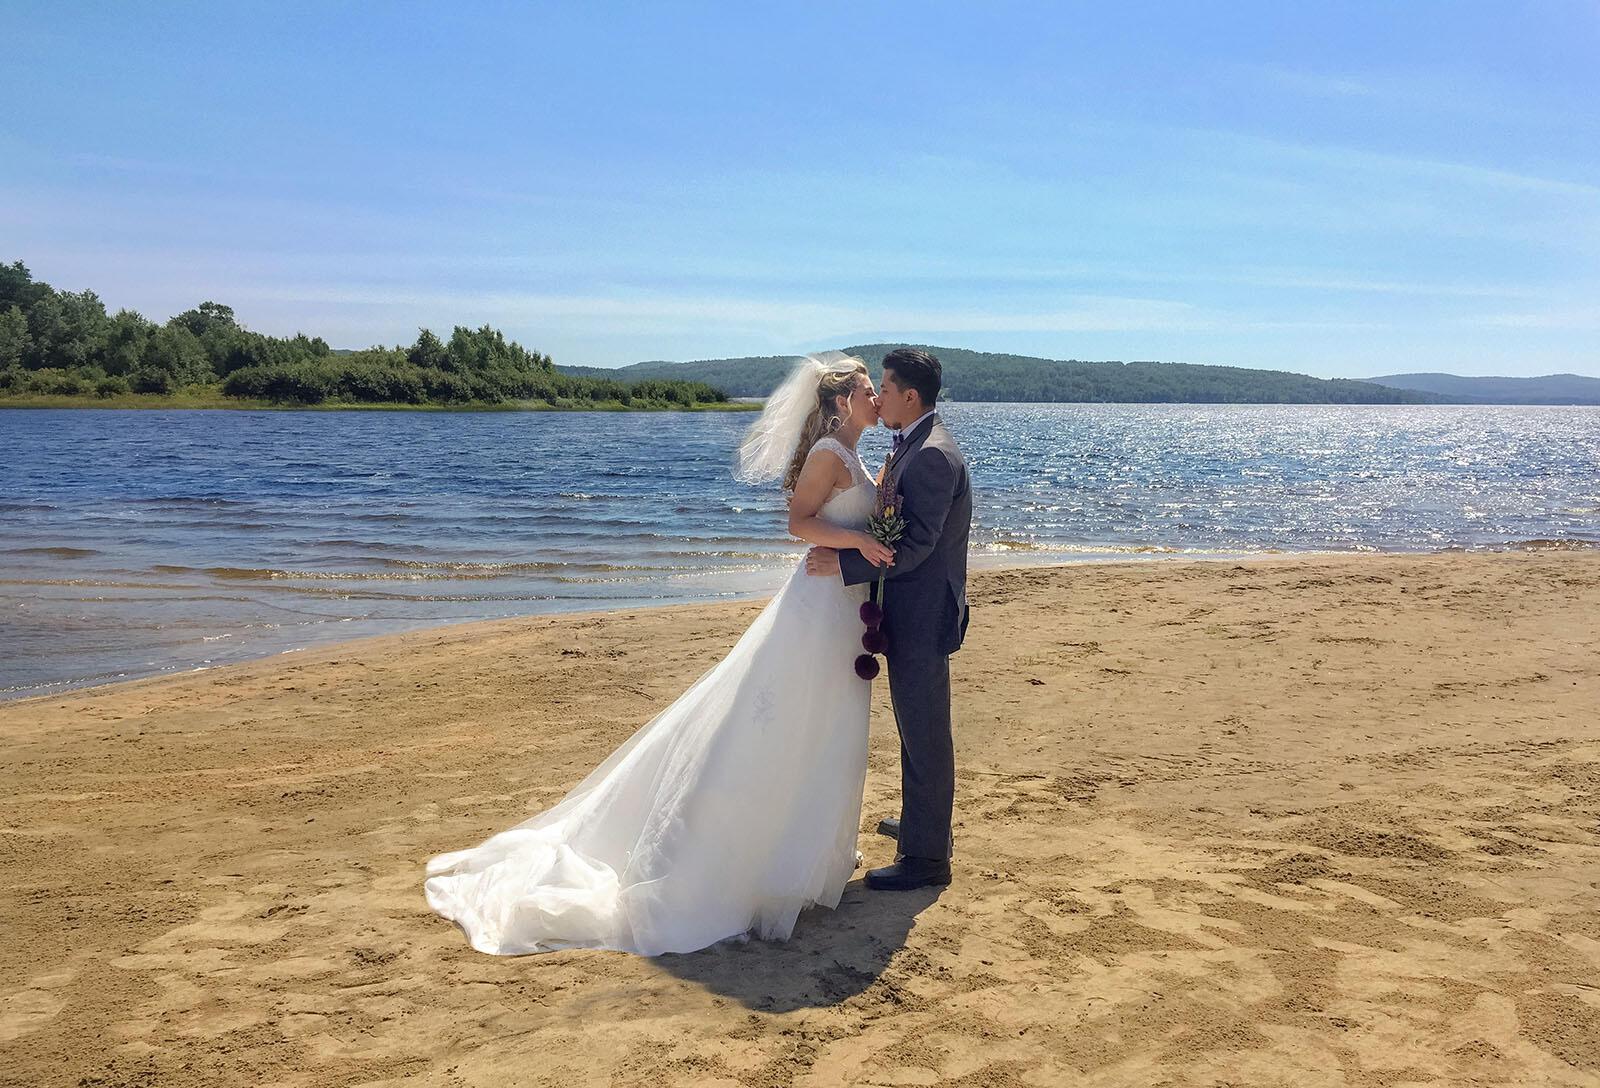 Mariage Claudie Plage dans Auberge du Lac Taureau, The Originals